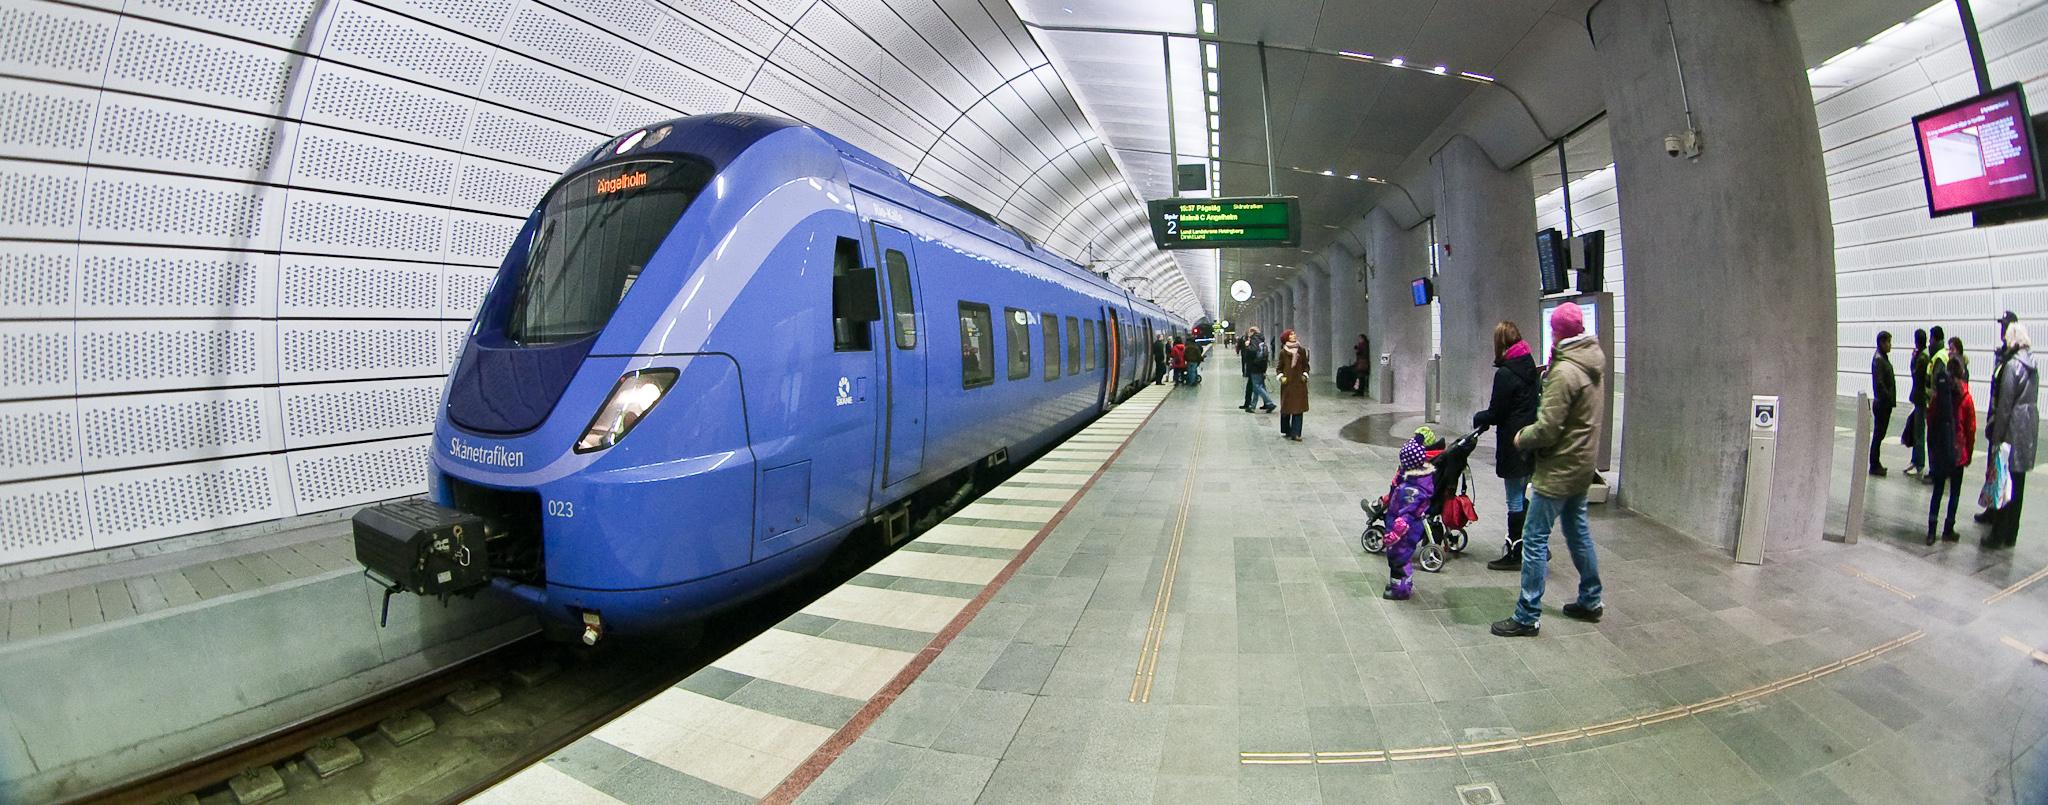 tåg malmö stockholm billigt